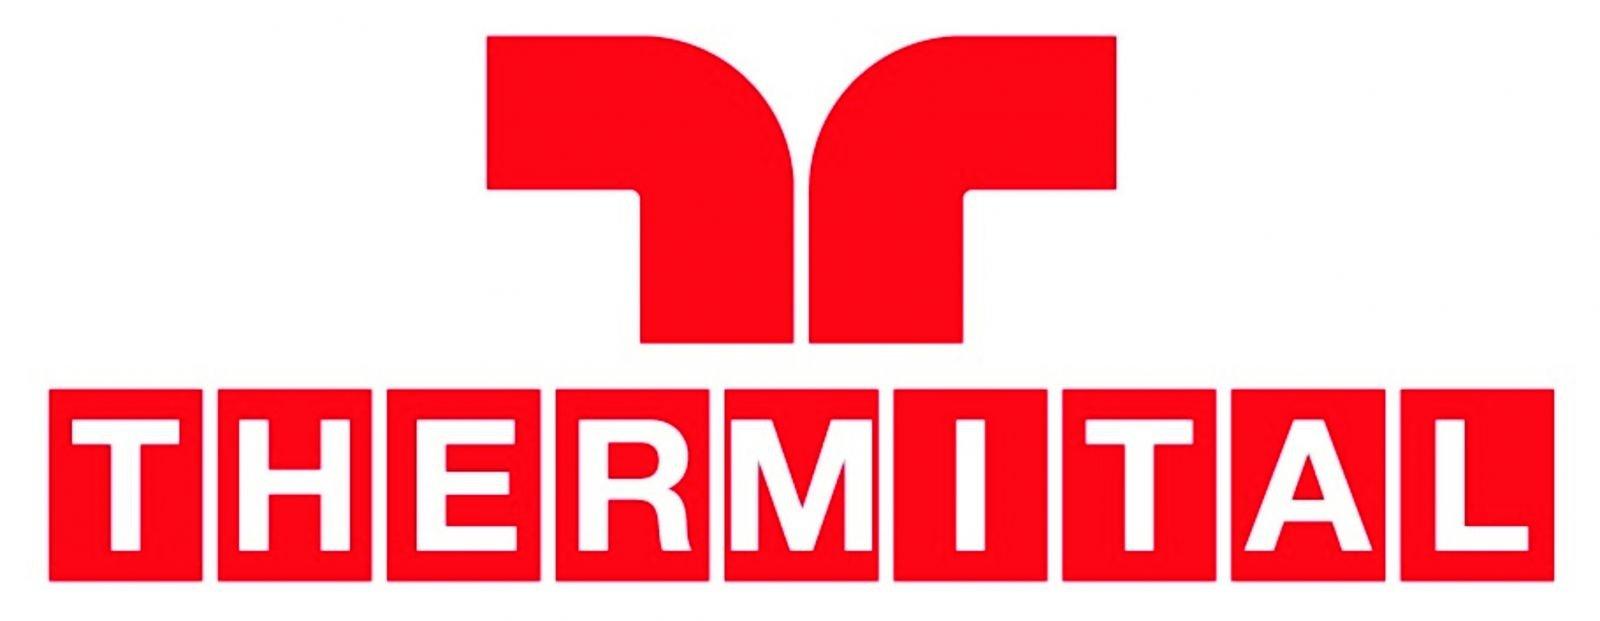 Caldeiras Thermital - Assistência Caldeira Thermital - Reparação Caldeiras 24 horas - Manutenção Caldeiras a gás e gasóleo Thermital - técnico de Caldeiras